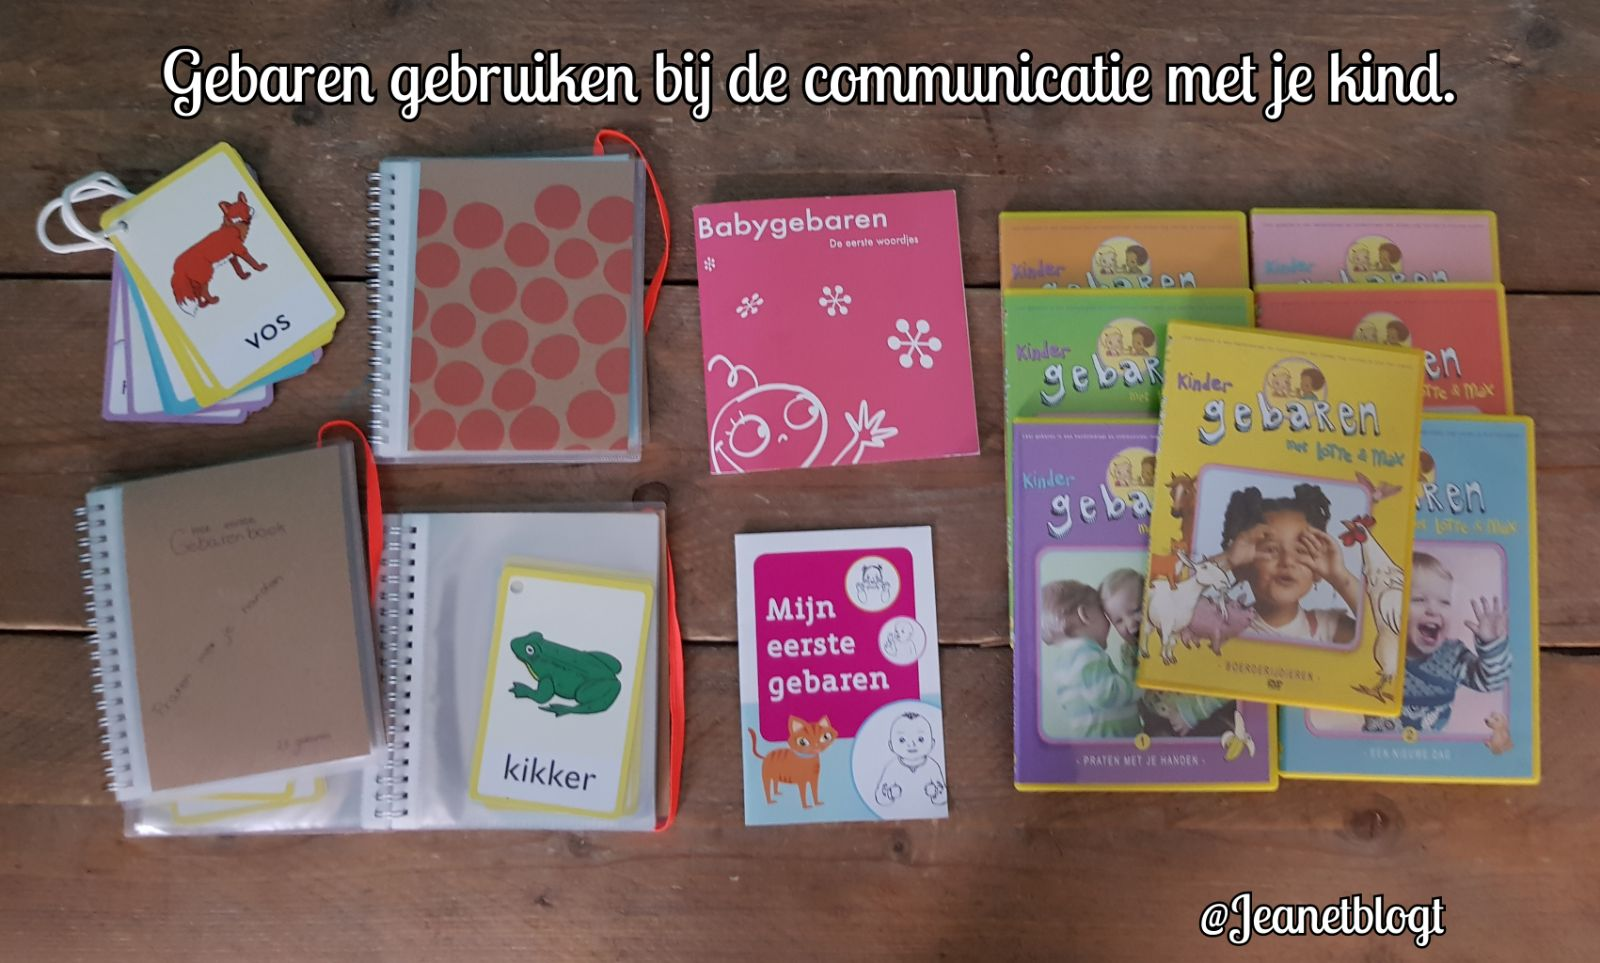 Gebaren gebruiken bij de communicatie met je kind.